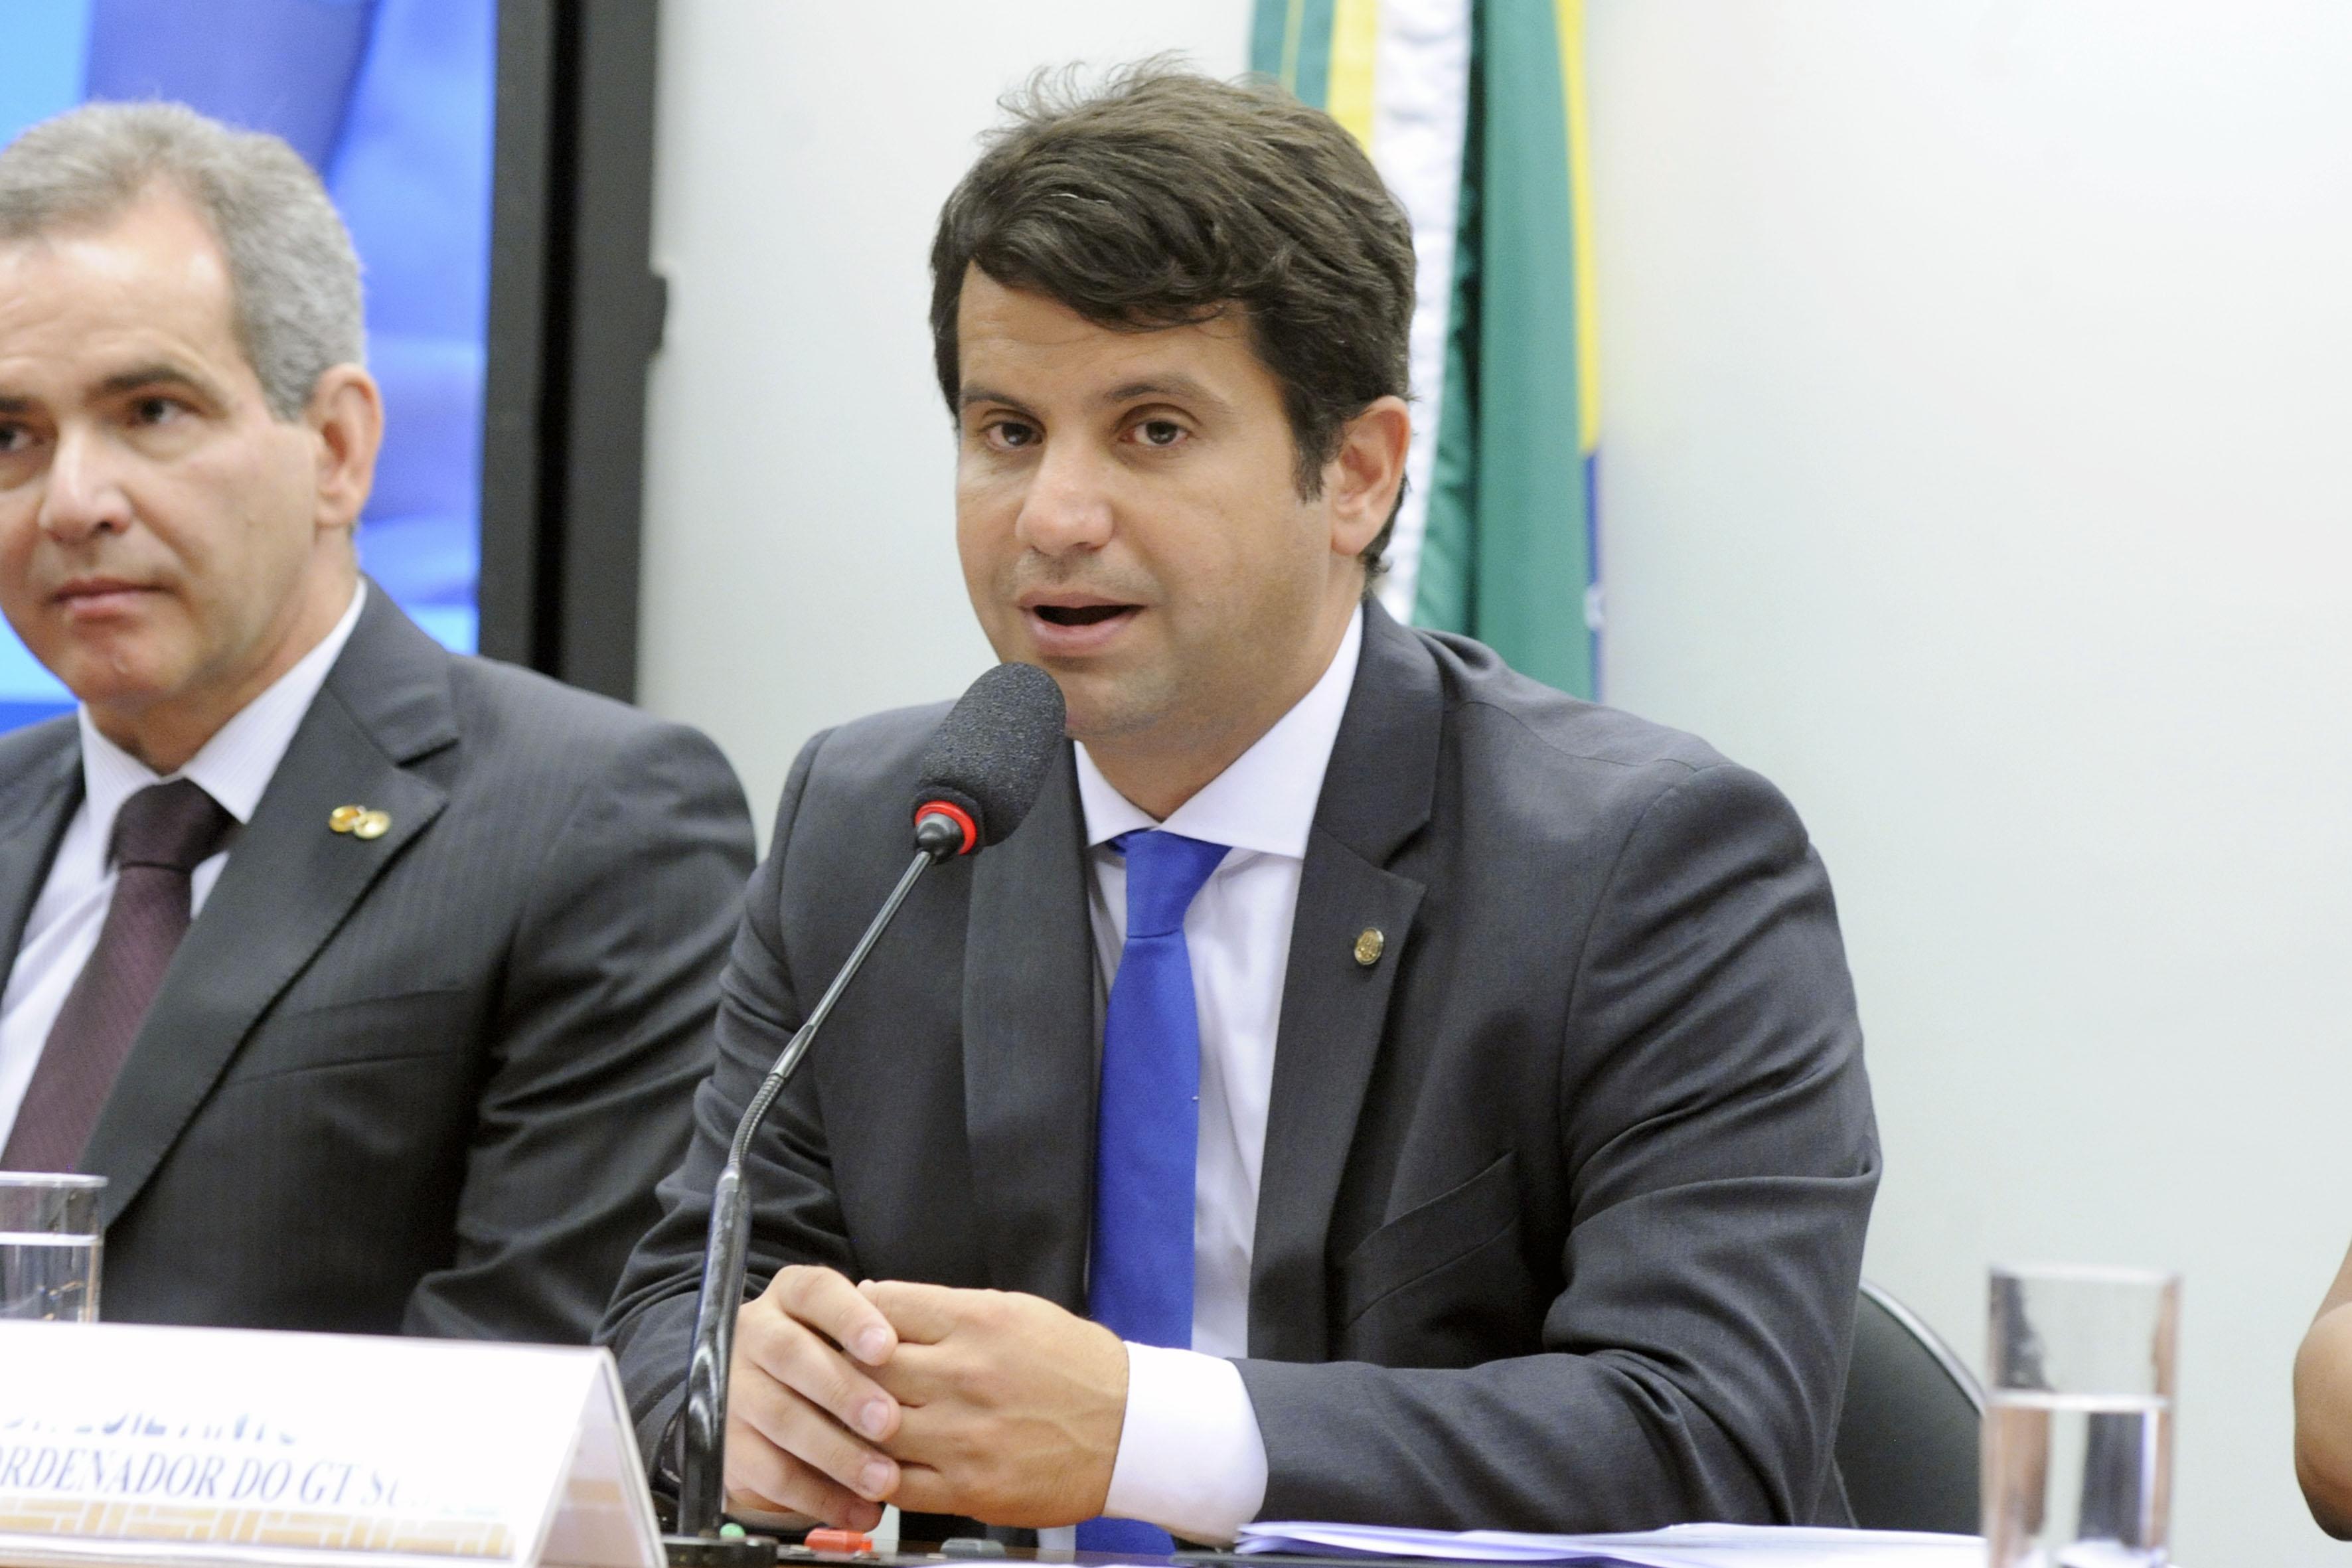 Audiência pública para debater a atualização e a modernização da Tabela SUS. Dep. Dr. Luiz Antonio Teixeira Jr. (PP - RJ)